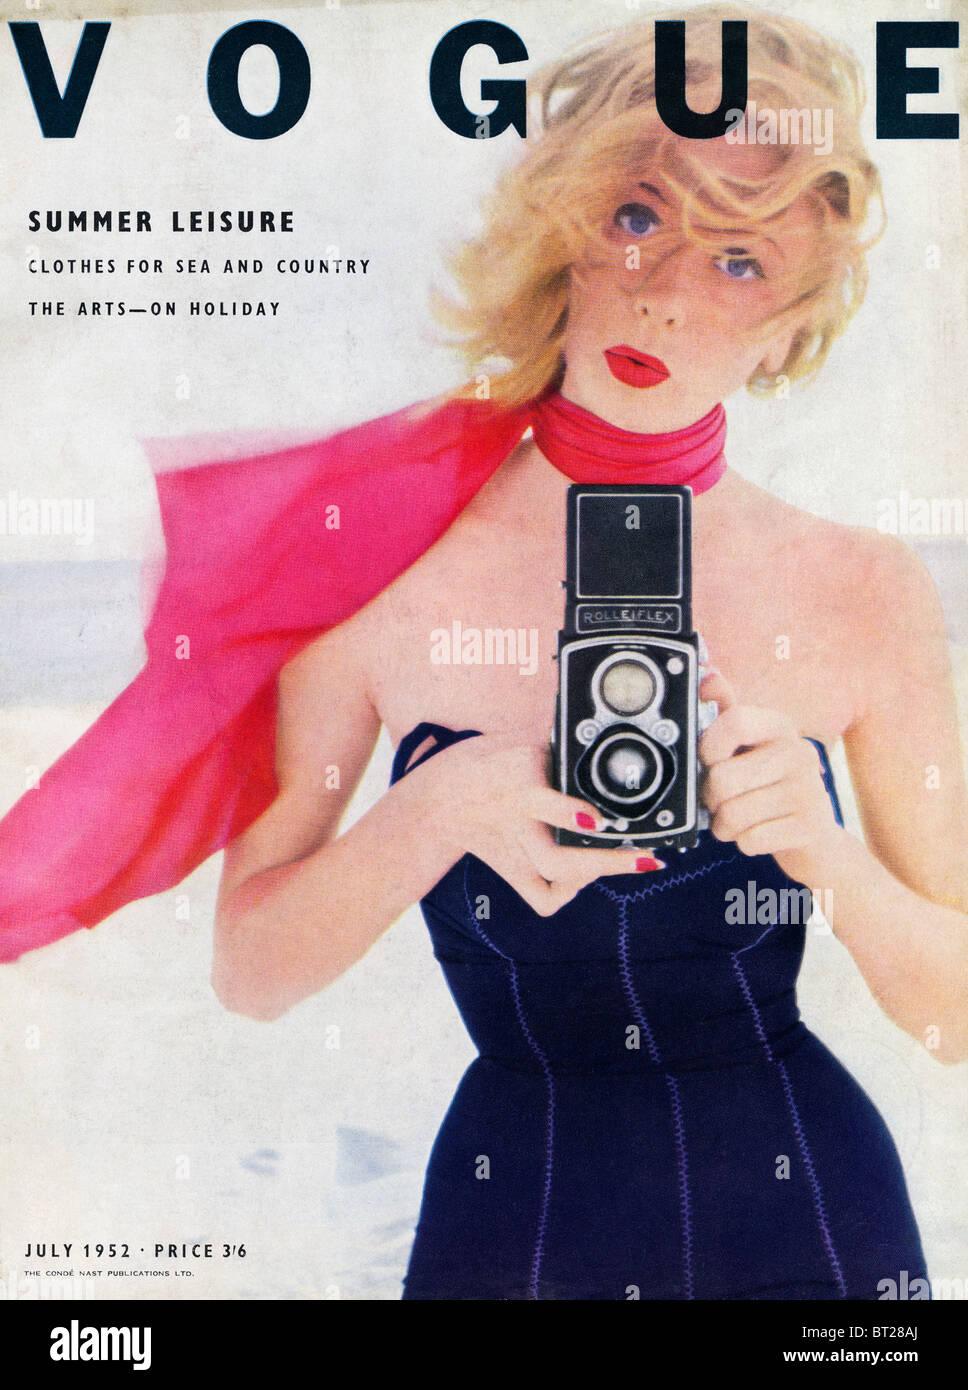 Couverture de magazine de mode VOGUE Juillet 1952 photographié par Irving Penn fixé à 3 shillings Photo Stock